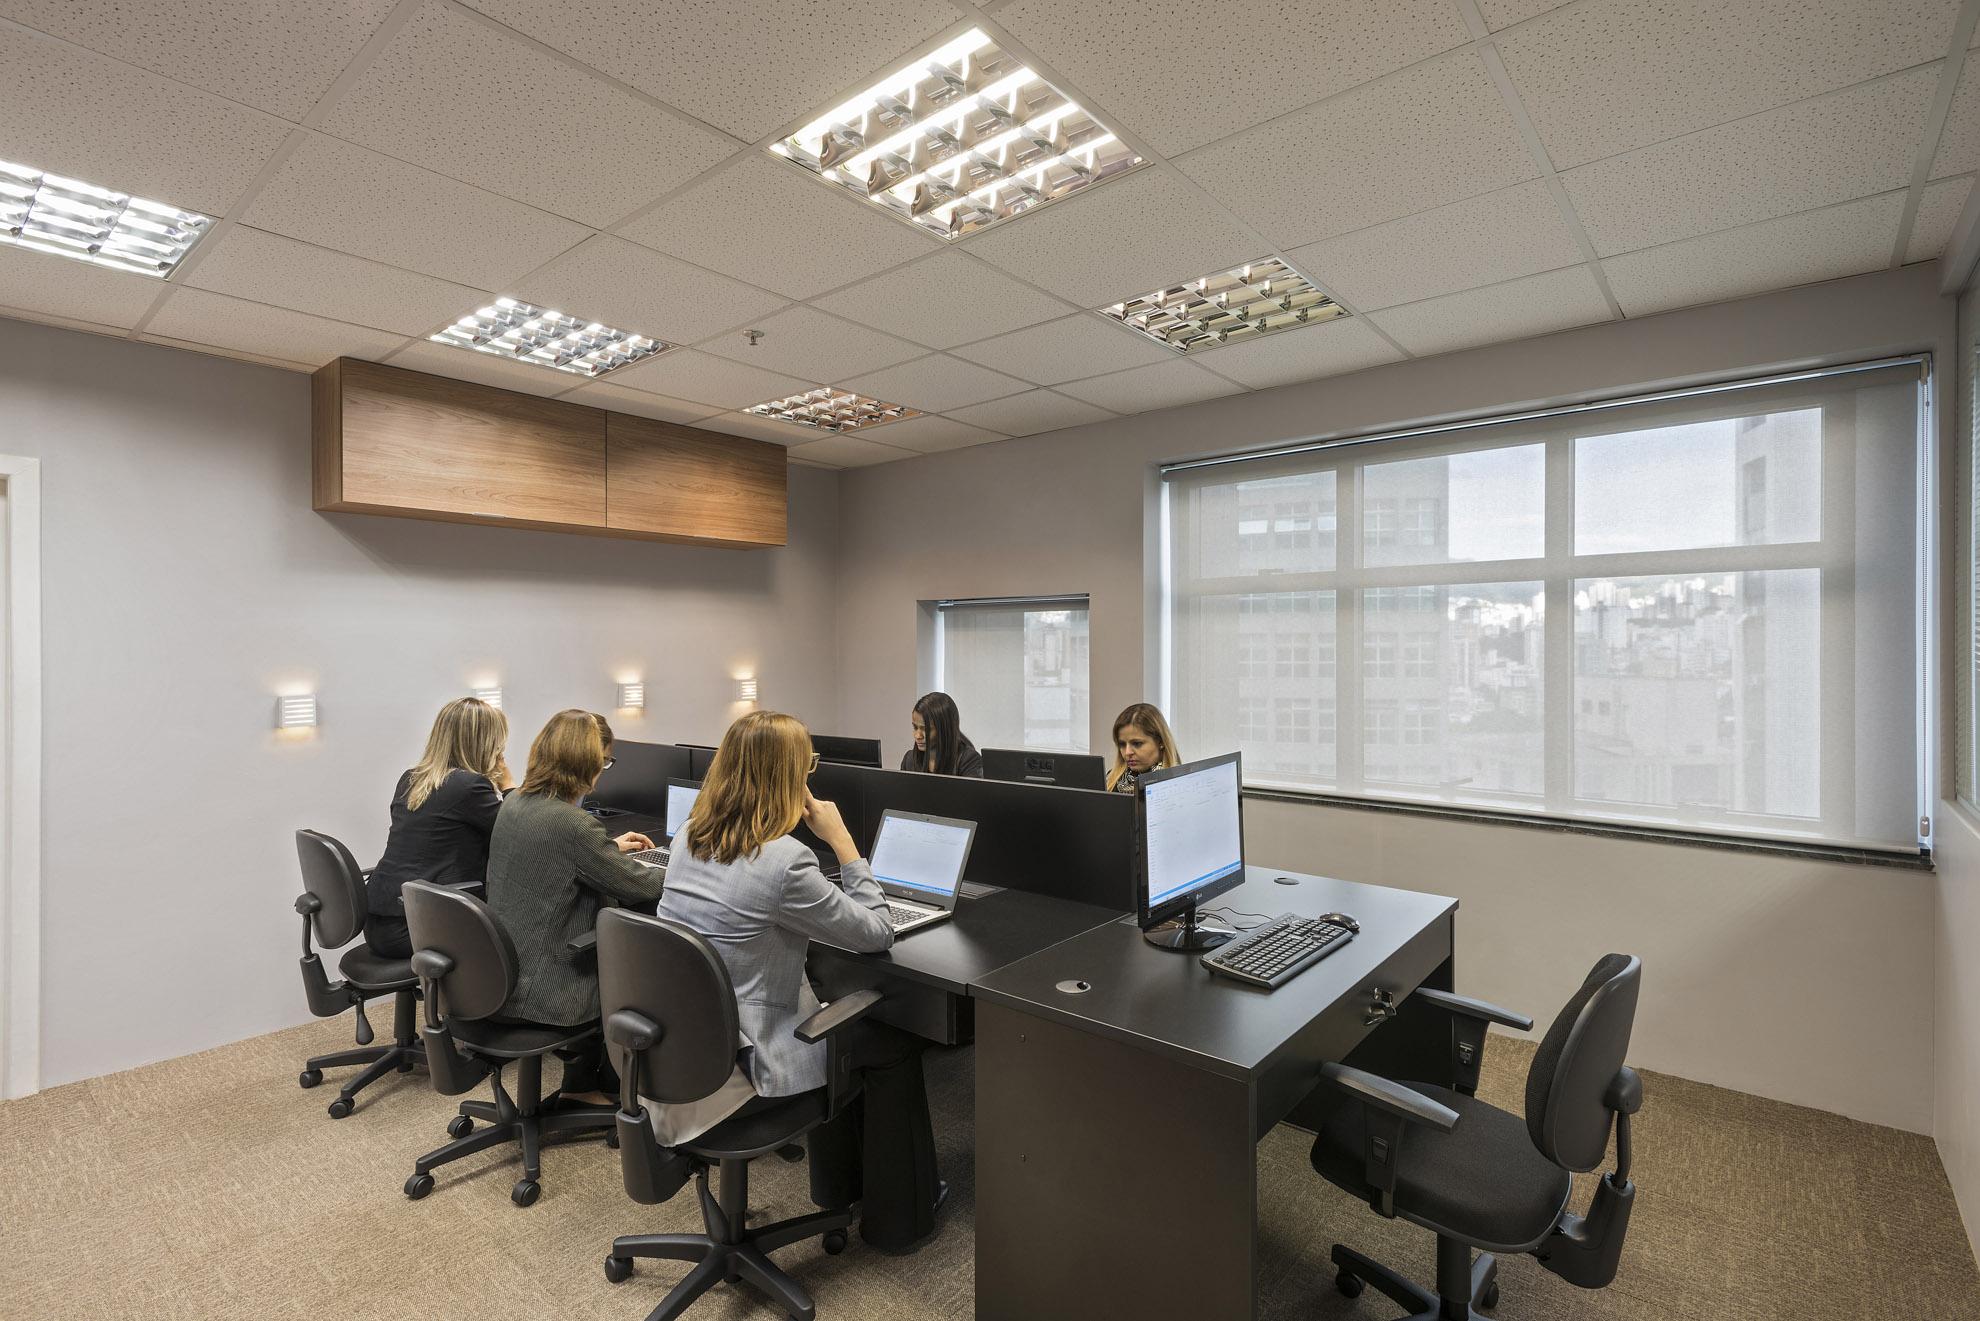 Laura Santos Espaços revitalizados aumentam a produtividade